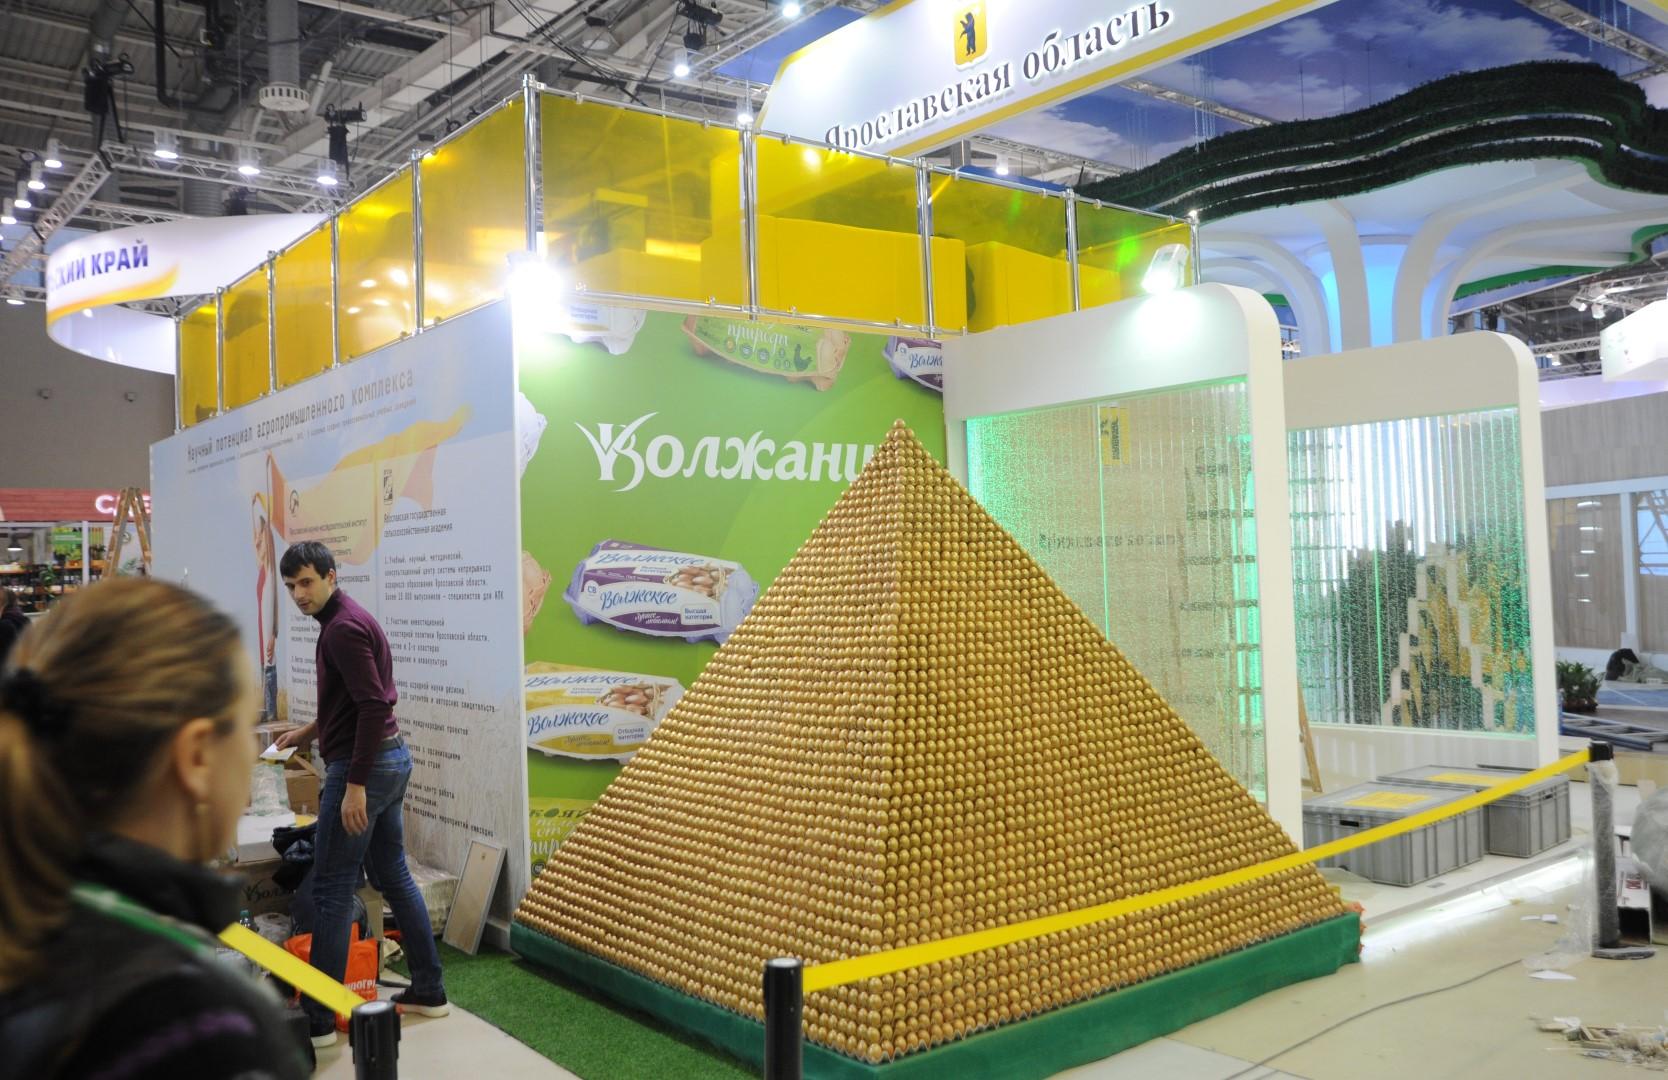 Ярославская область отметилась мировым рекордом в преддверии международного дня яйца